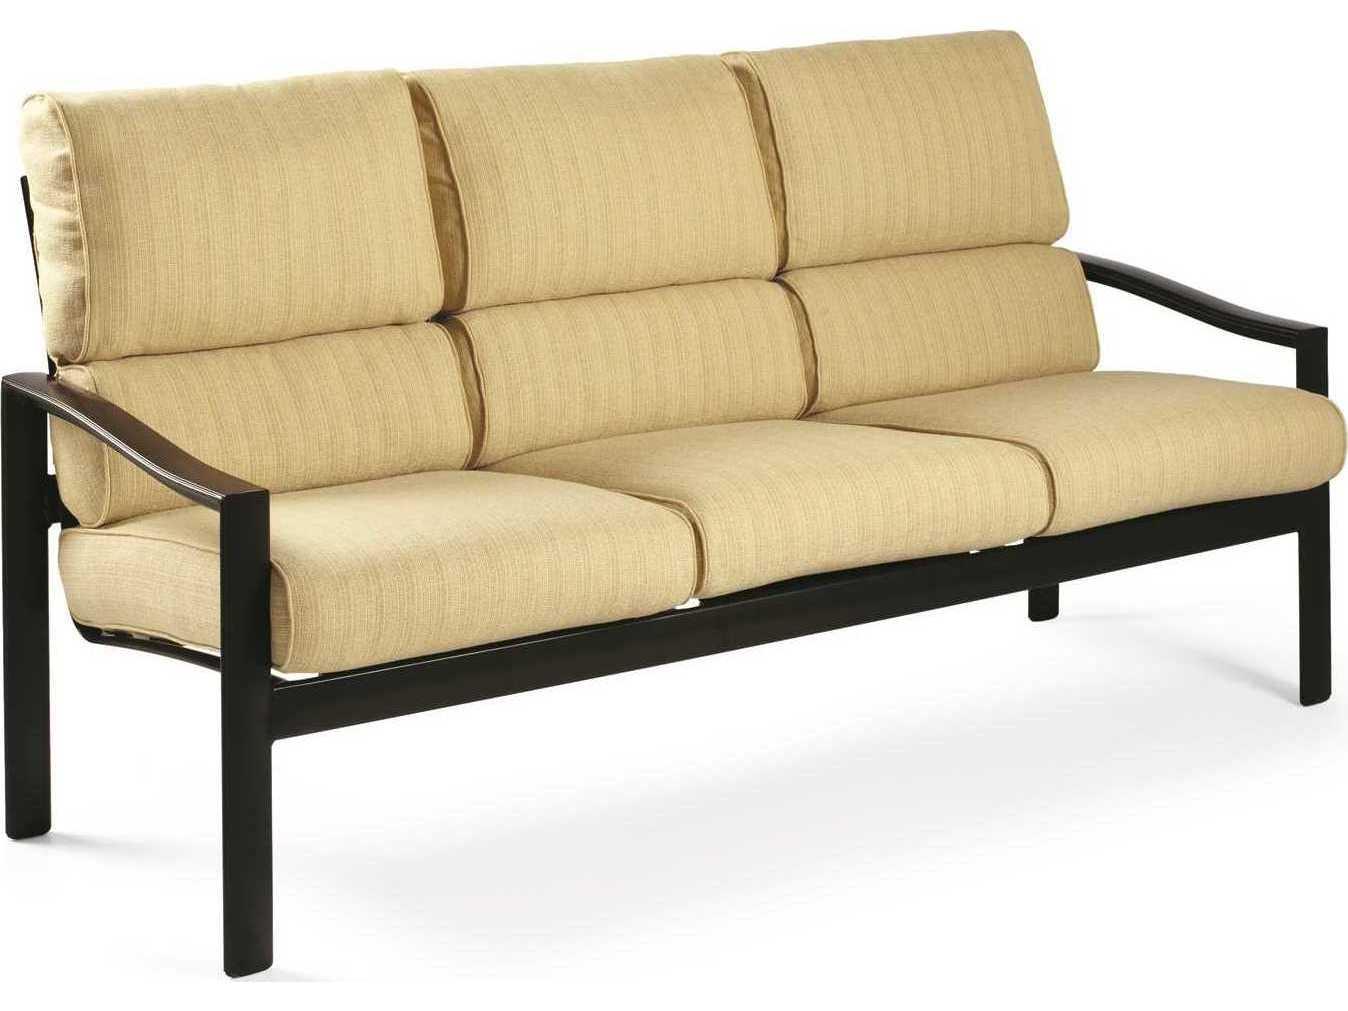 Winston Belvedere Cushion Aluminum Sofa M29003